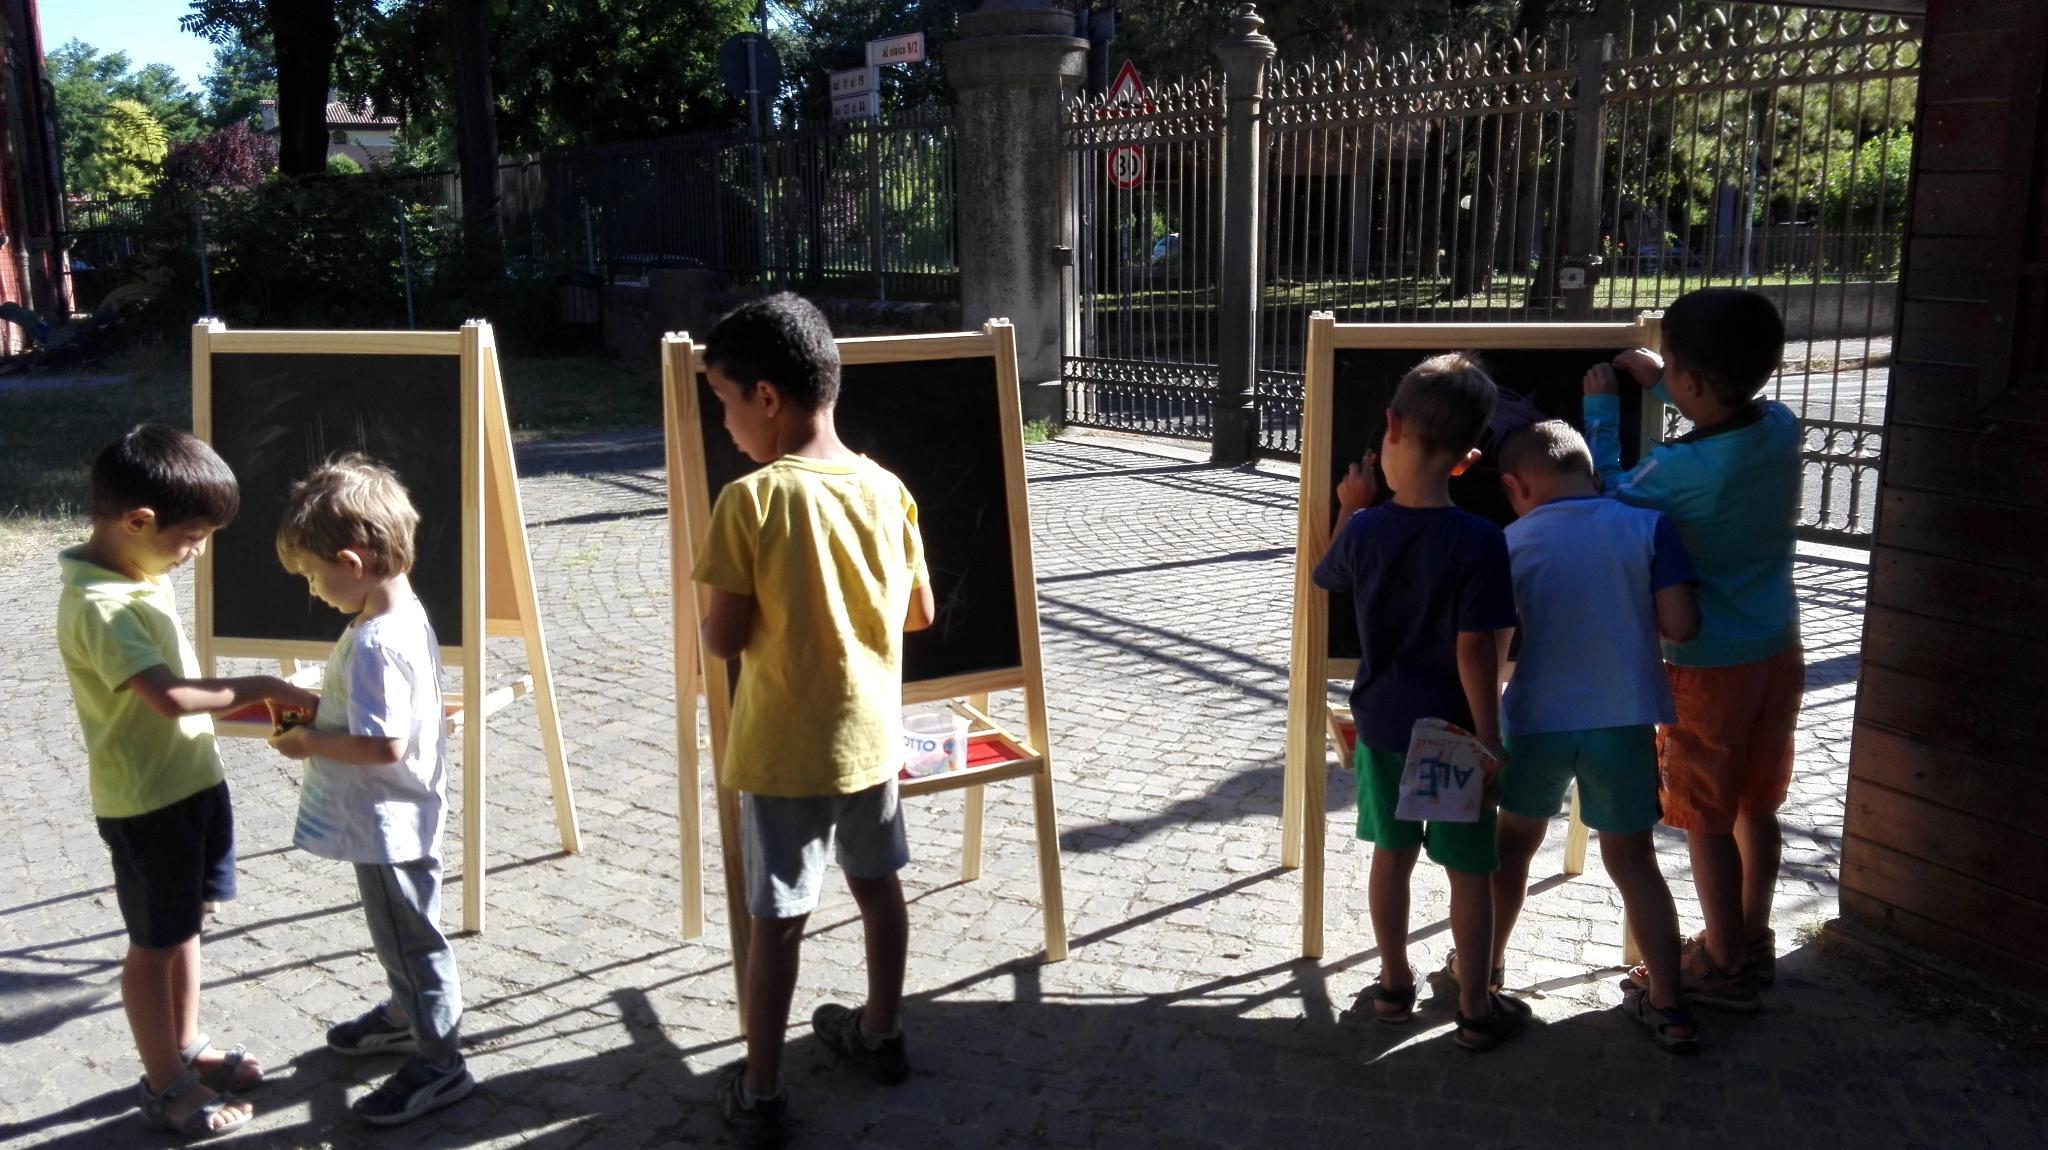 Scuole dell'infanzia aperte a luglio: assemblee con i genitori, modulistica e menù